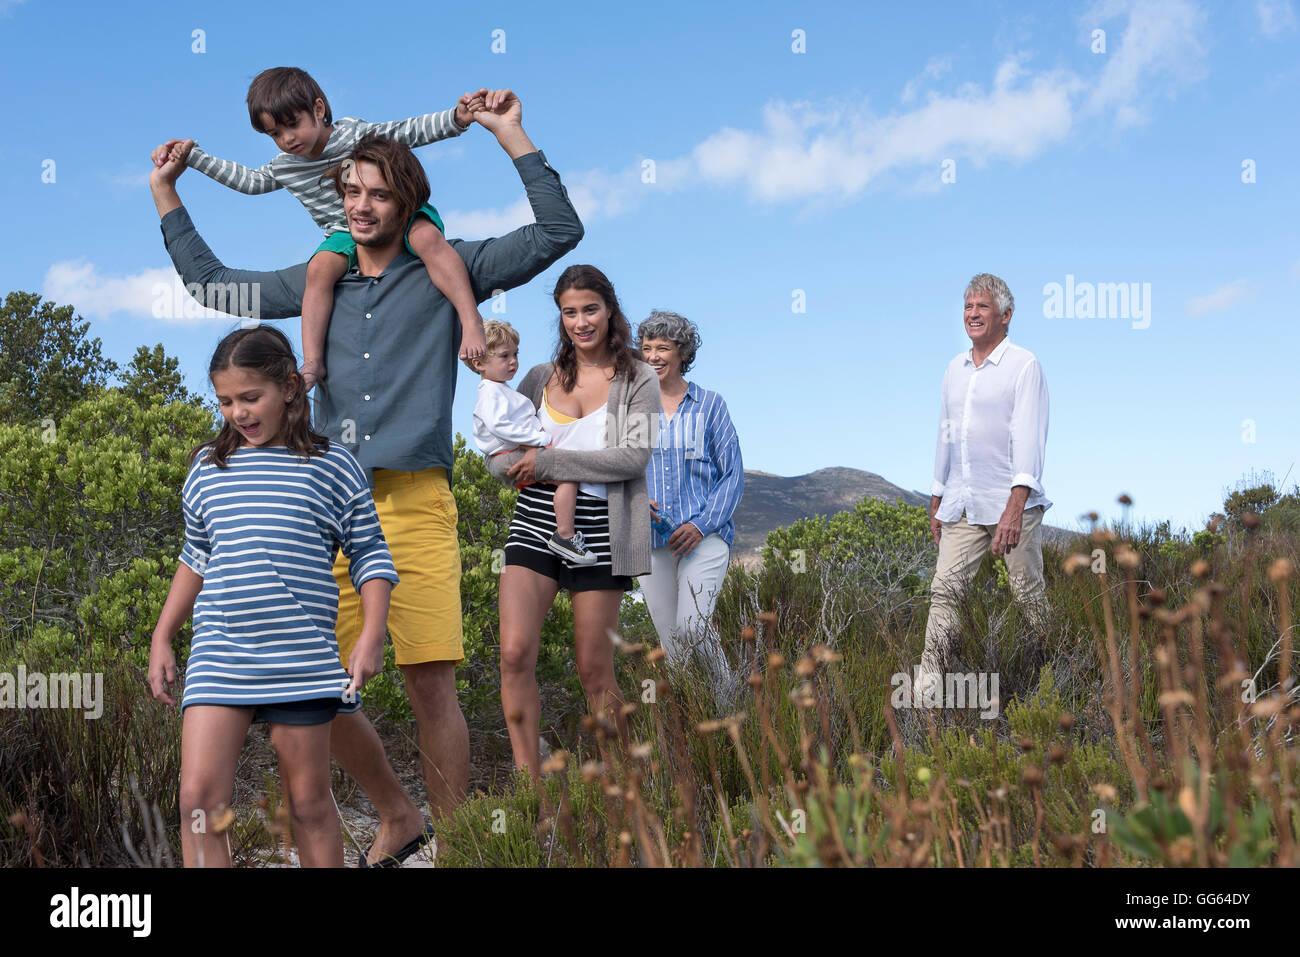 Generationsübergreifende Familienglück zu Fuß auf Landschaft Stockbild